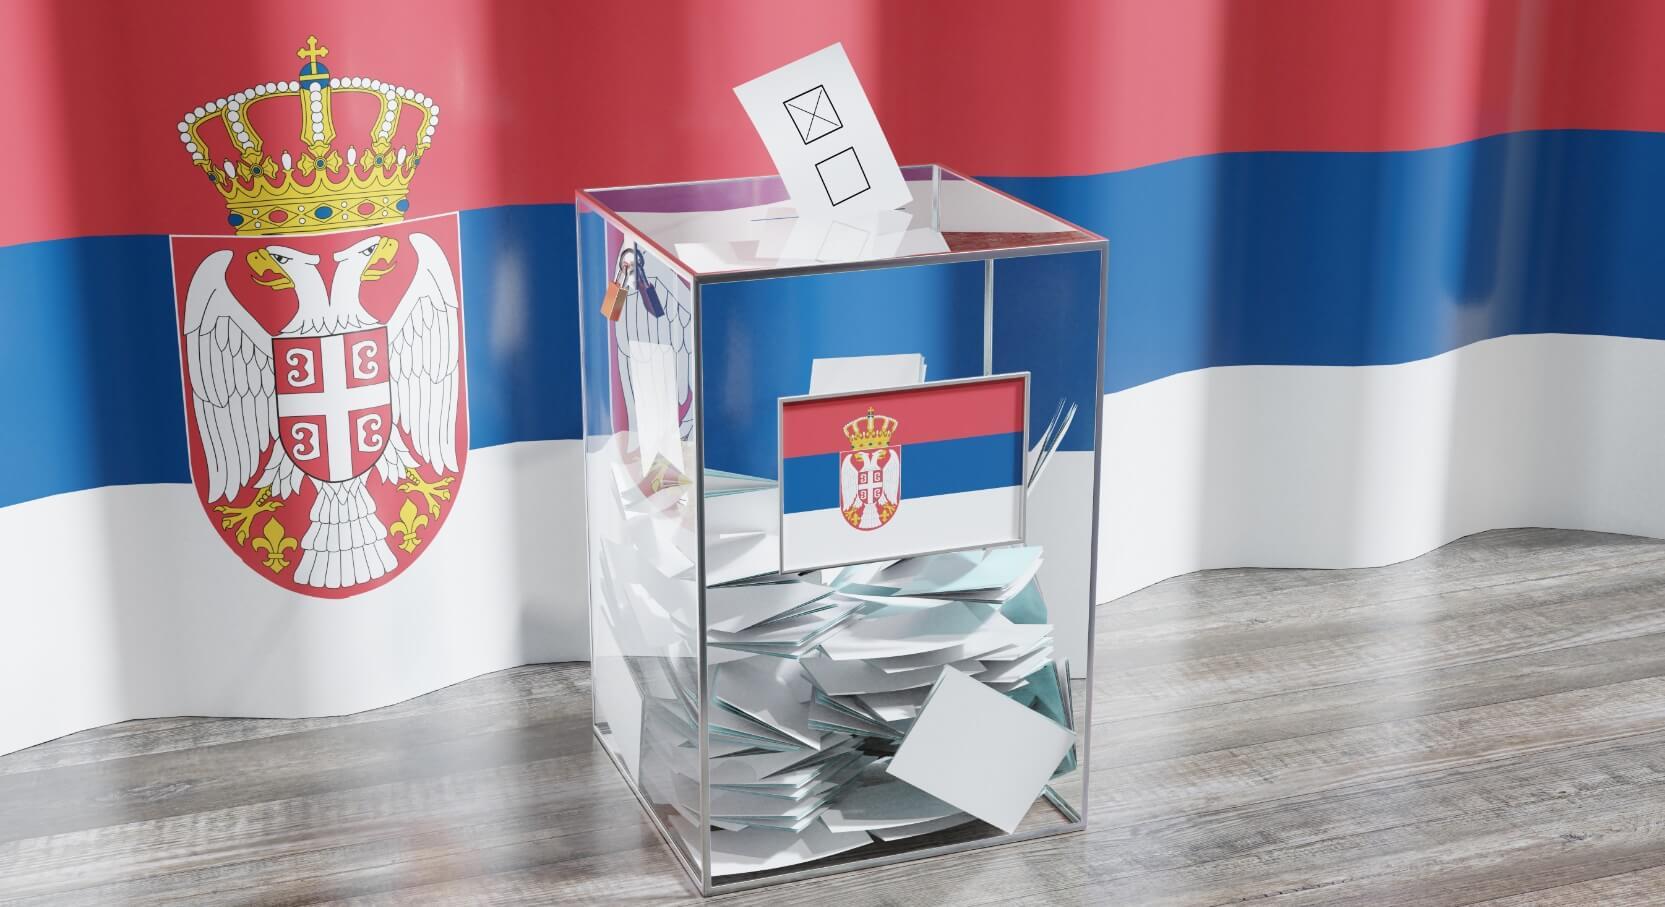 glasanje izbori srbija